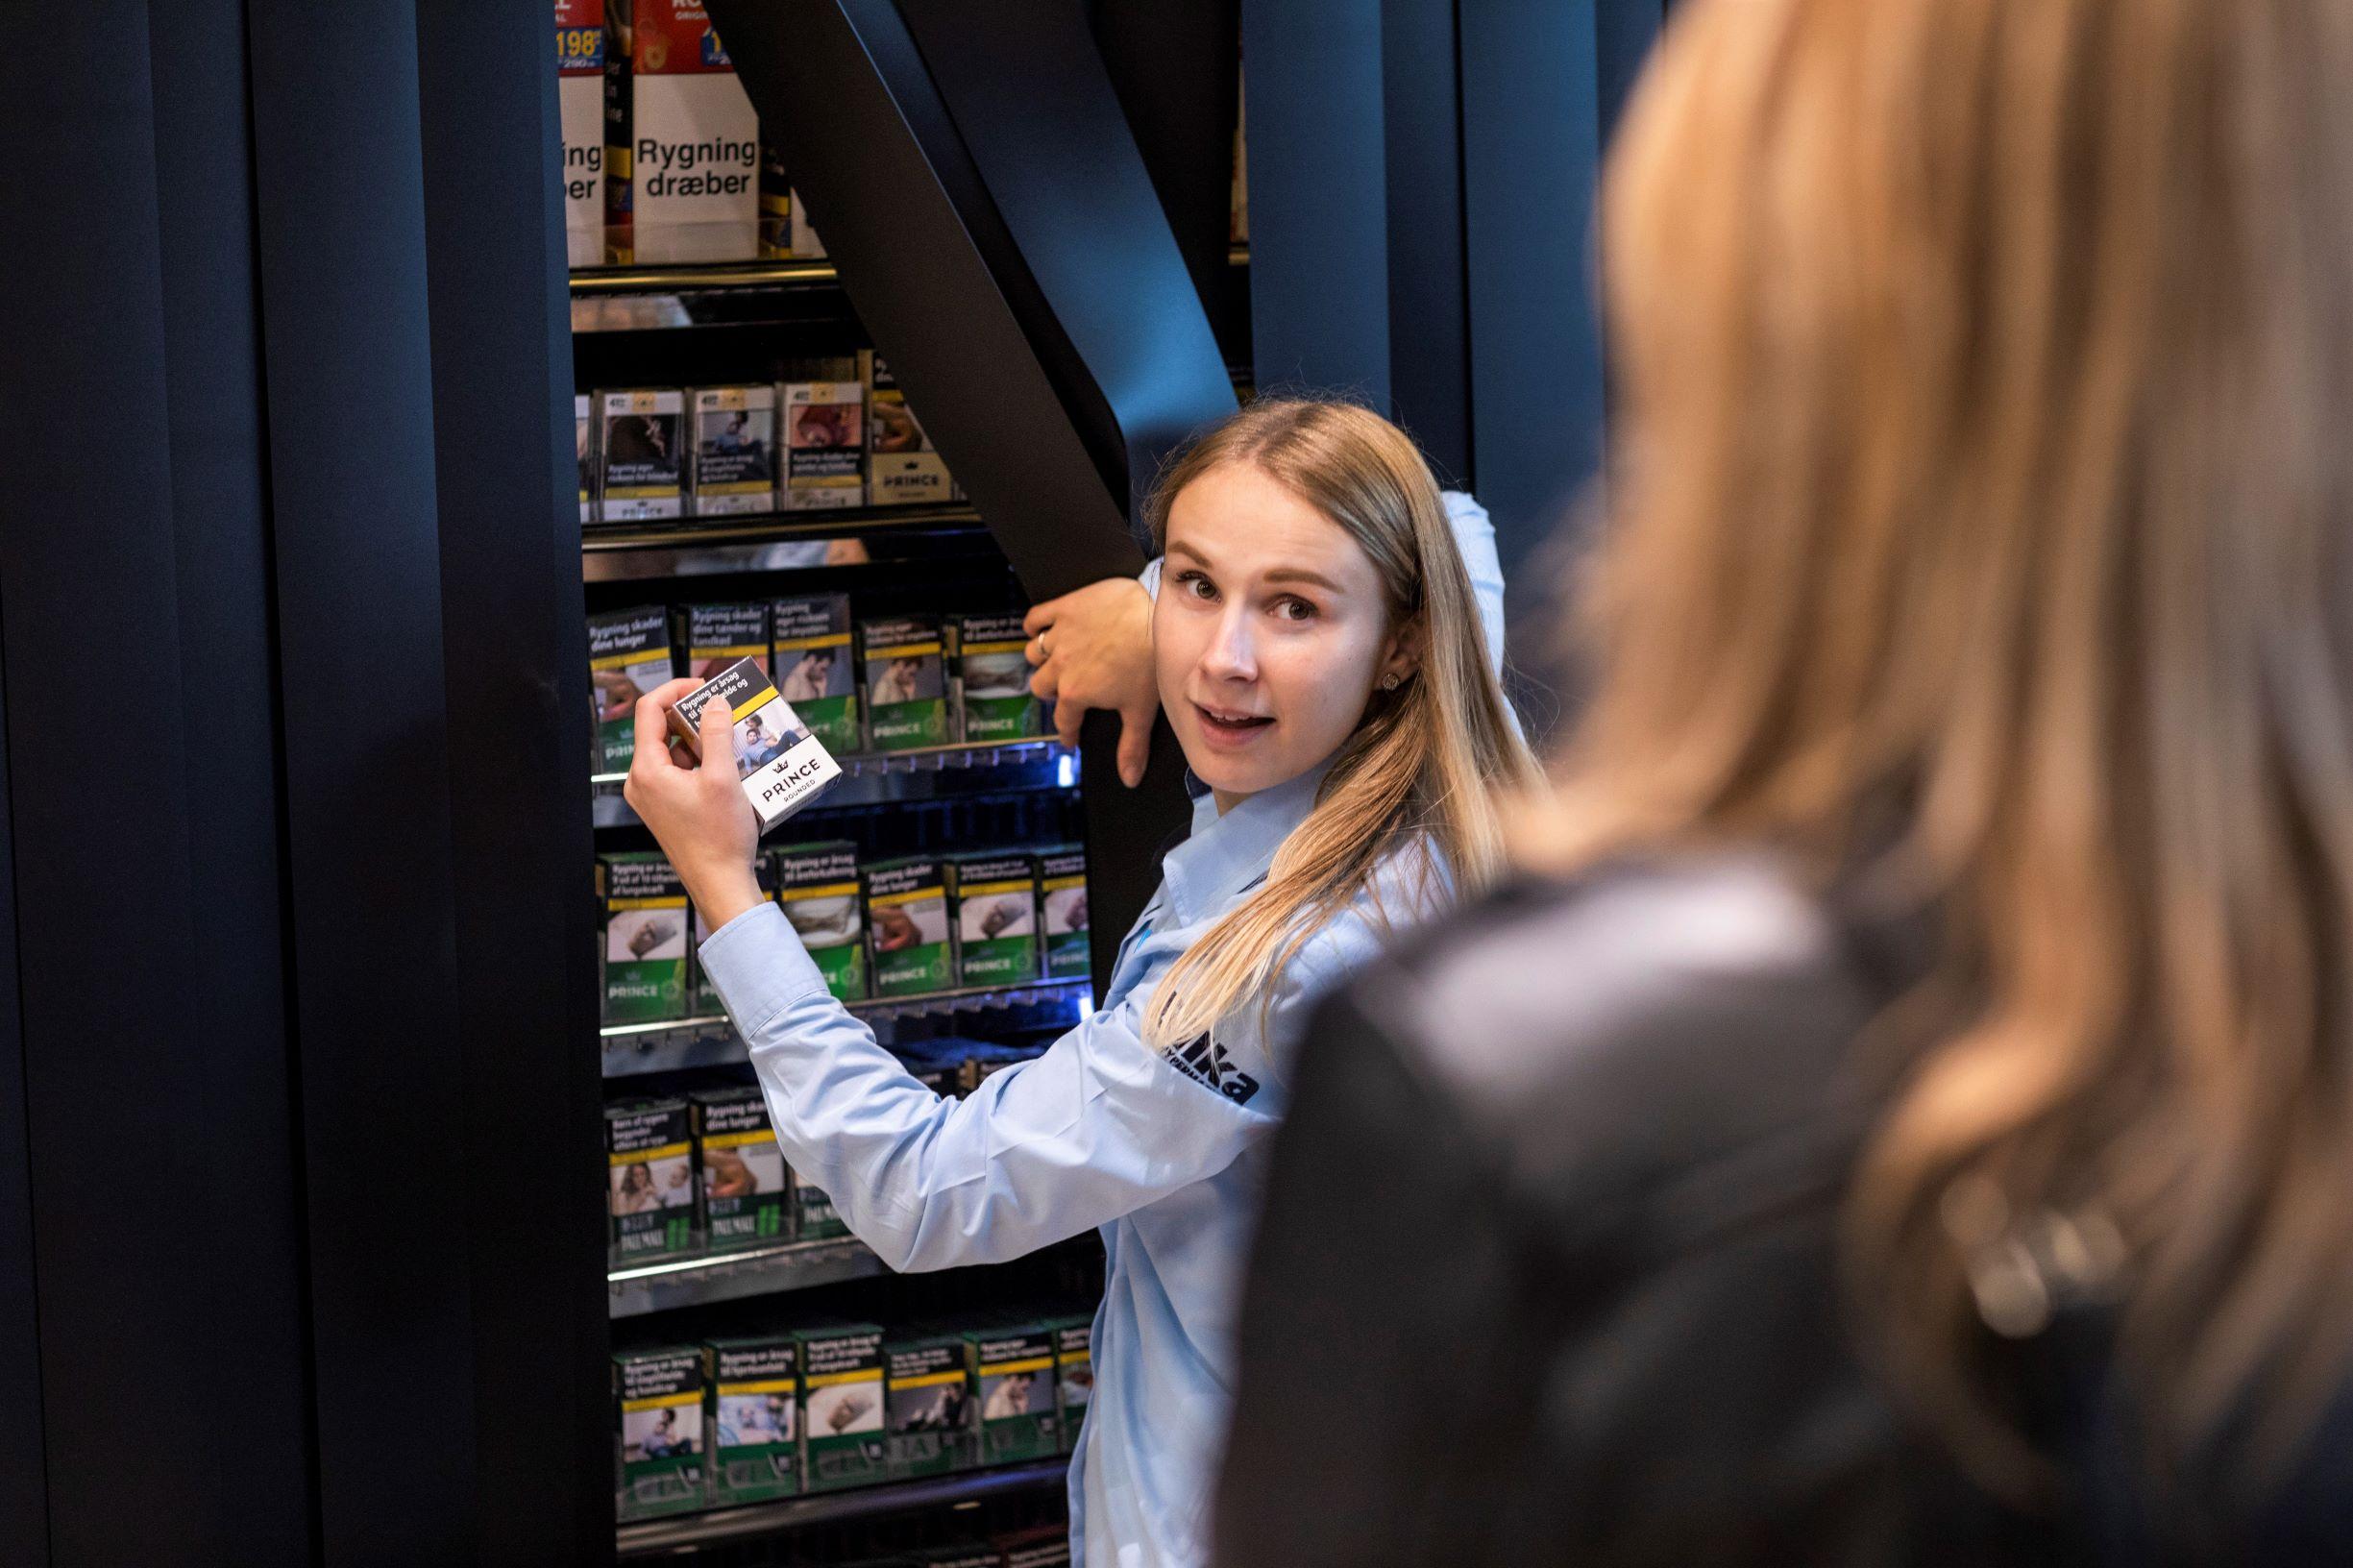 Nu gemmes tobakken væk i alle butikker: I føtex, Bilka og Netto har det resulteret i 116 mio. færre solgte cigaretter